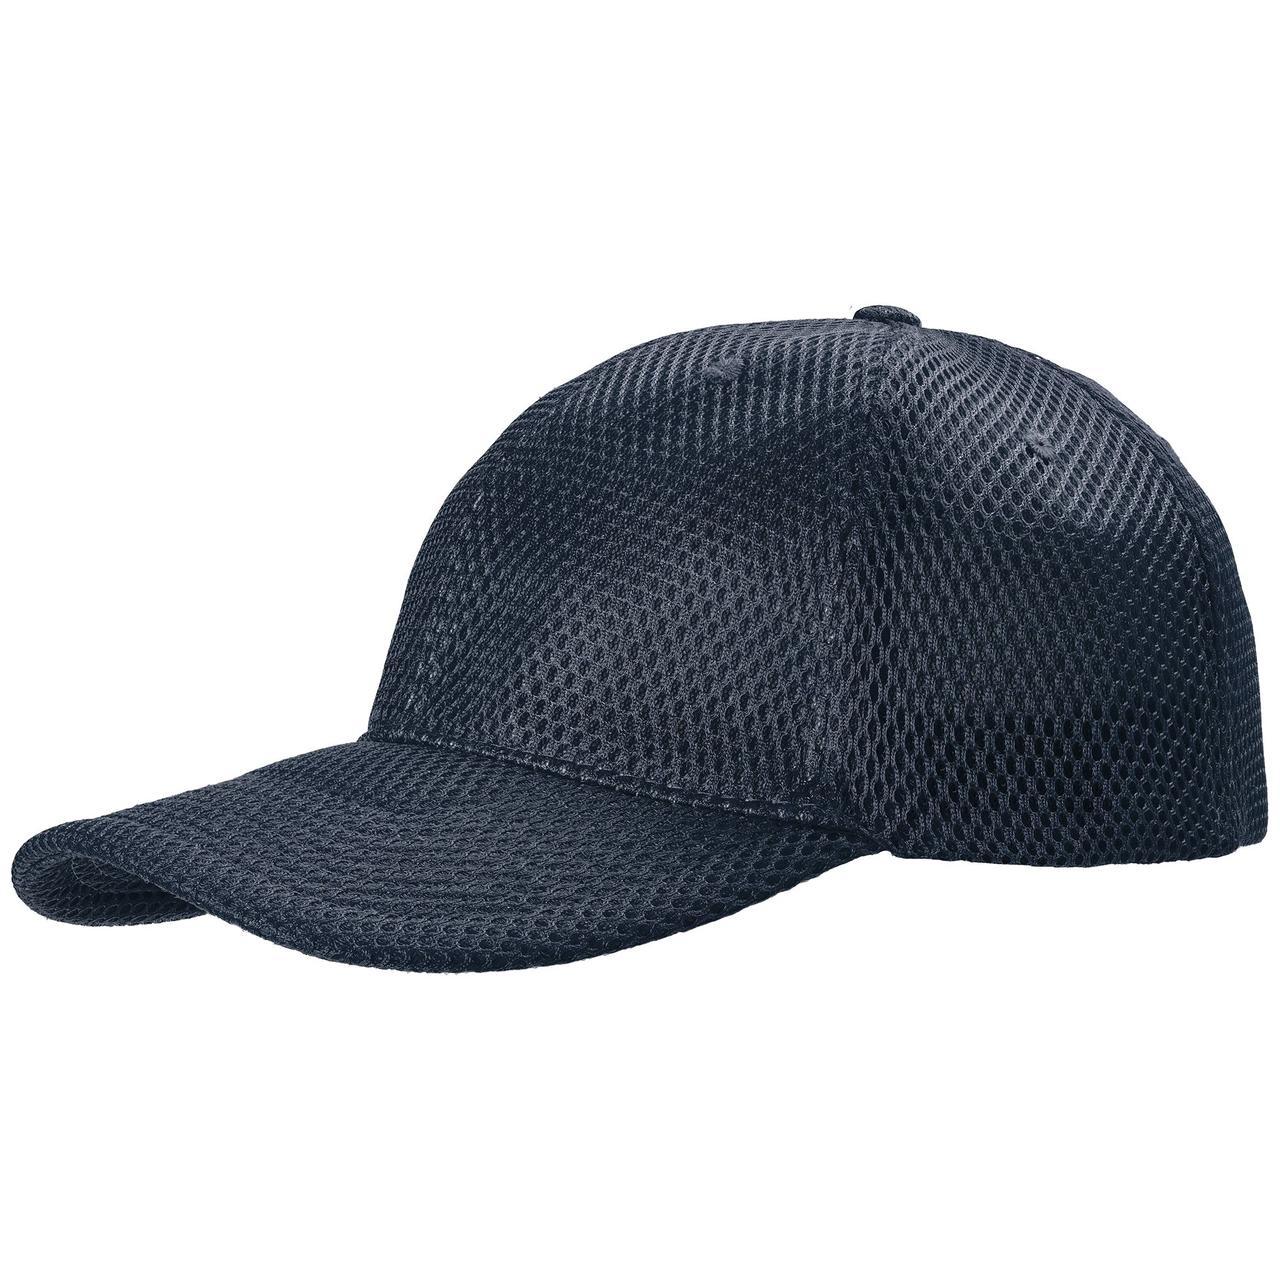 Бейсболка Ben More, темно-синяя (артикул 7259.40)